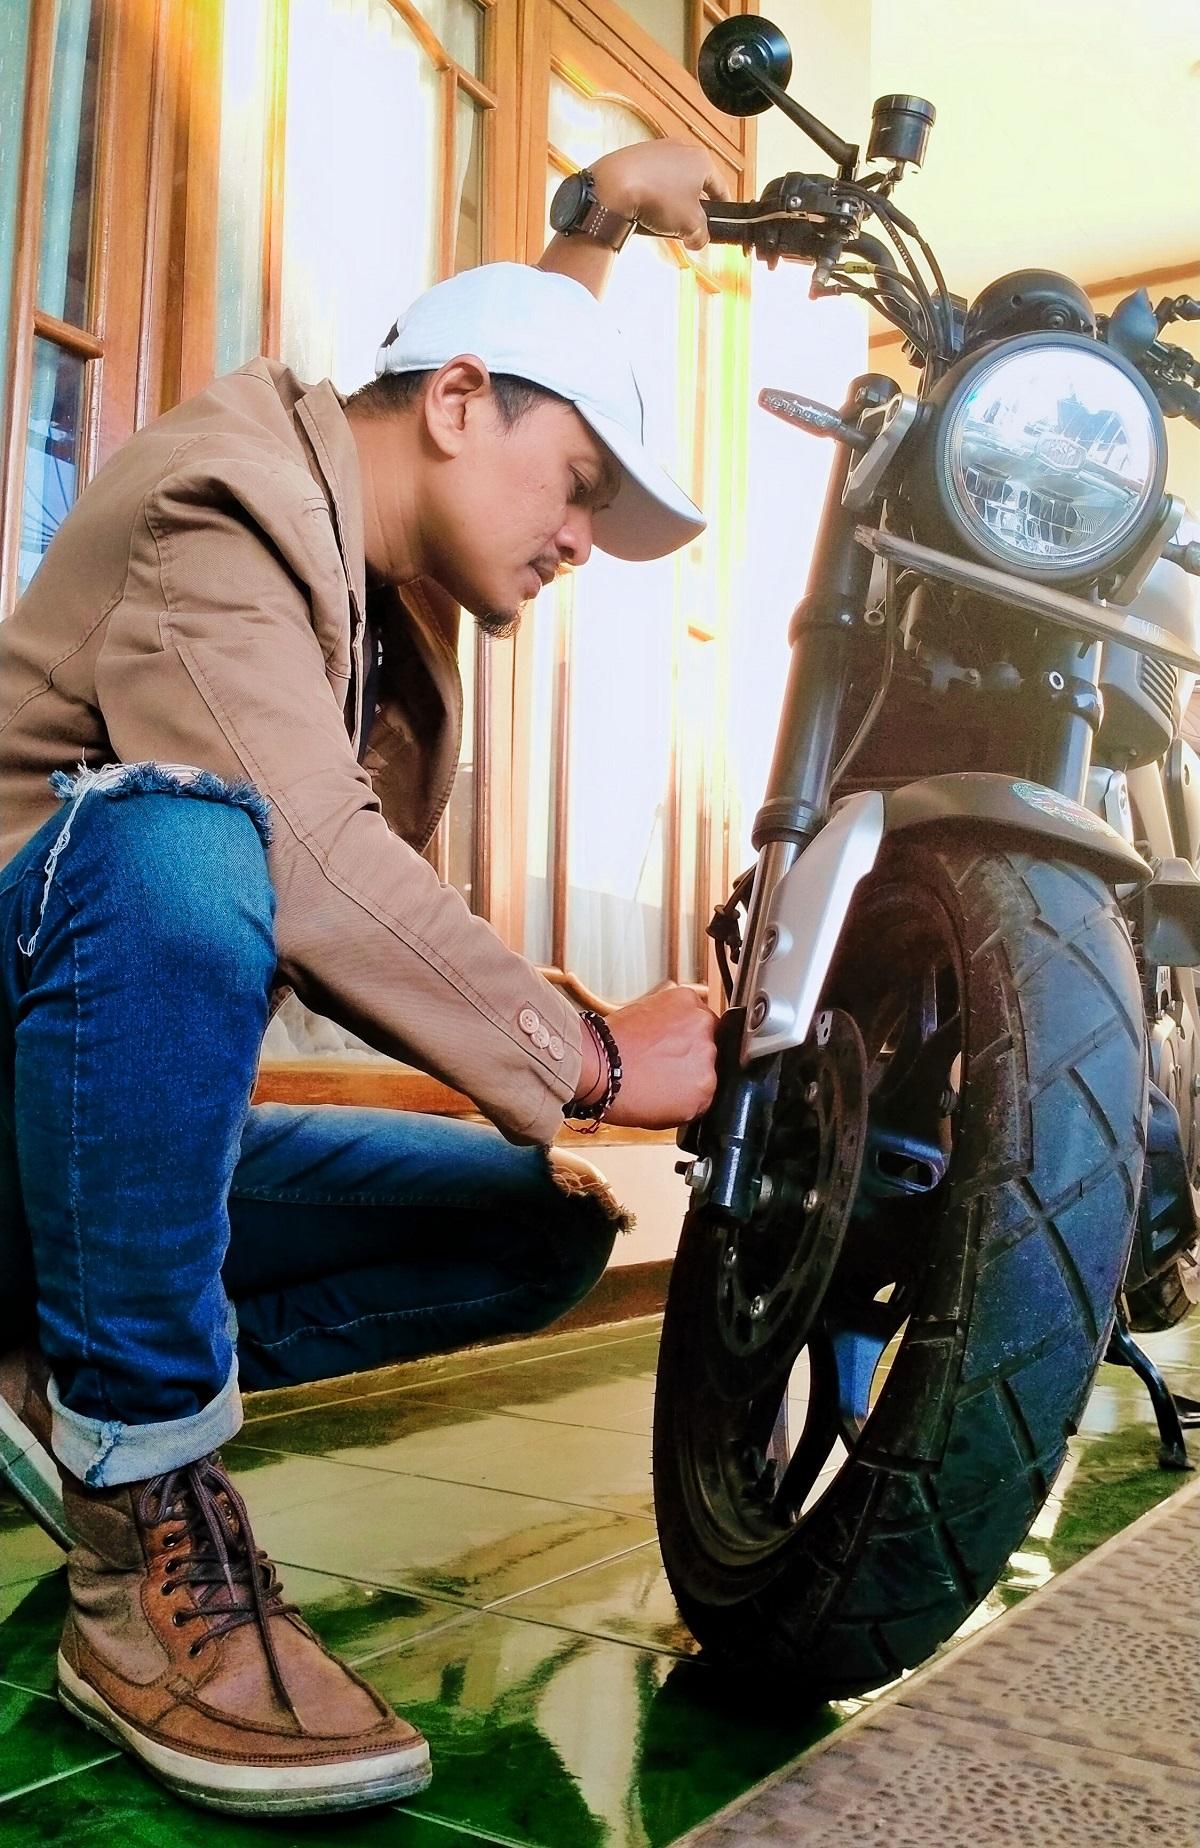 Perawatan Motor Sport oleh Konsumen di Rumah